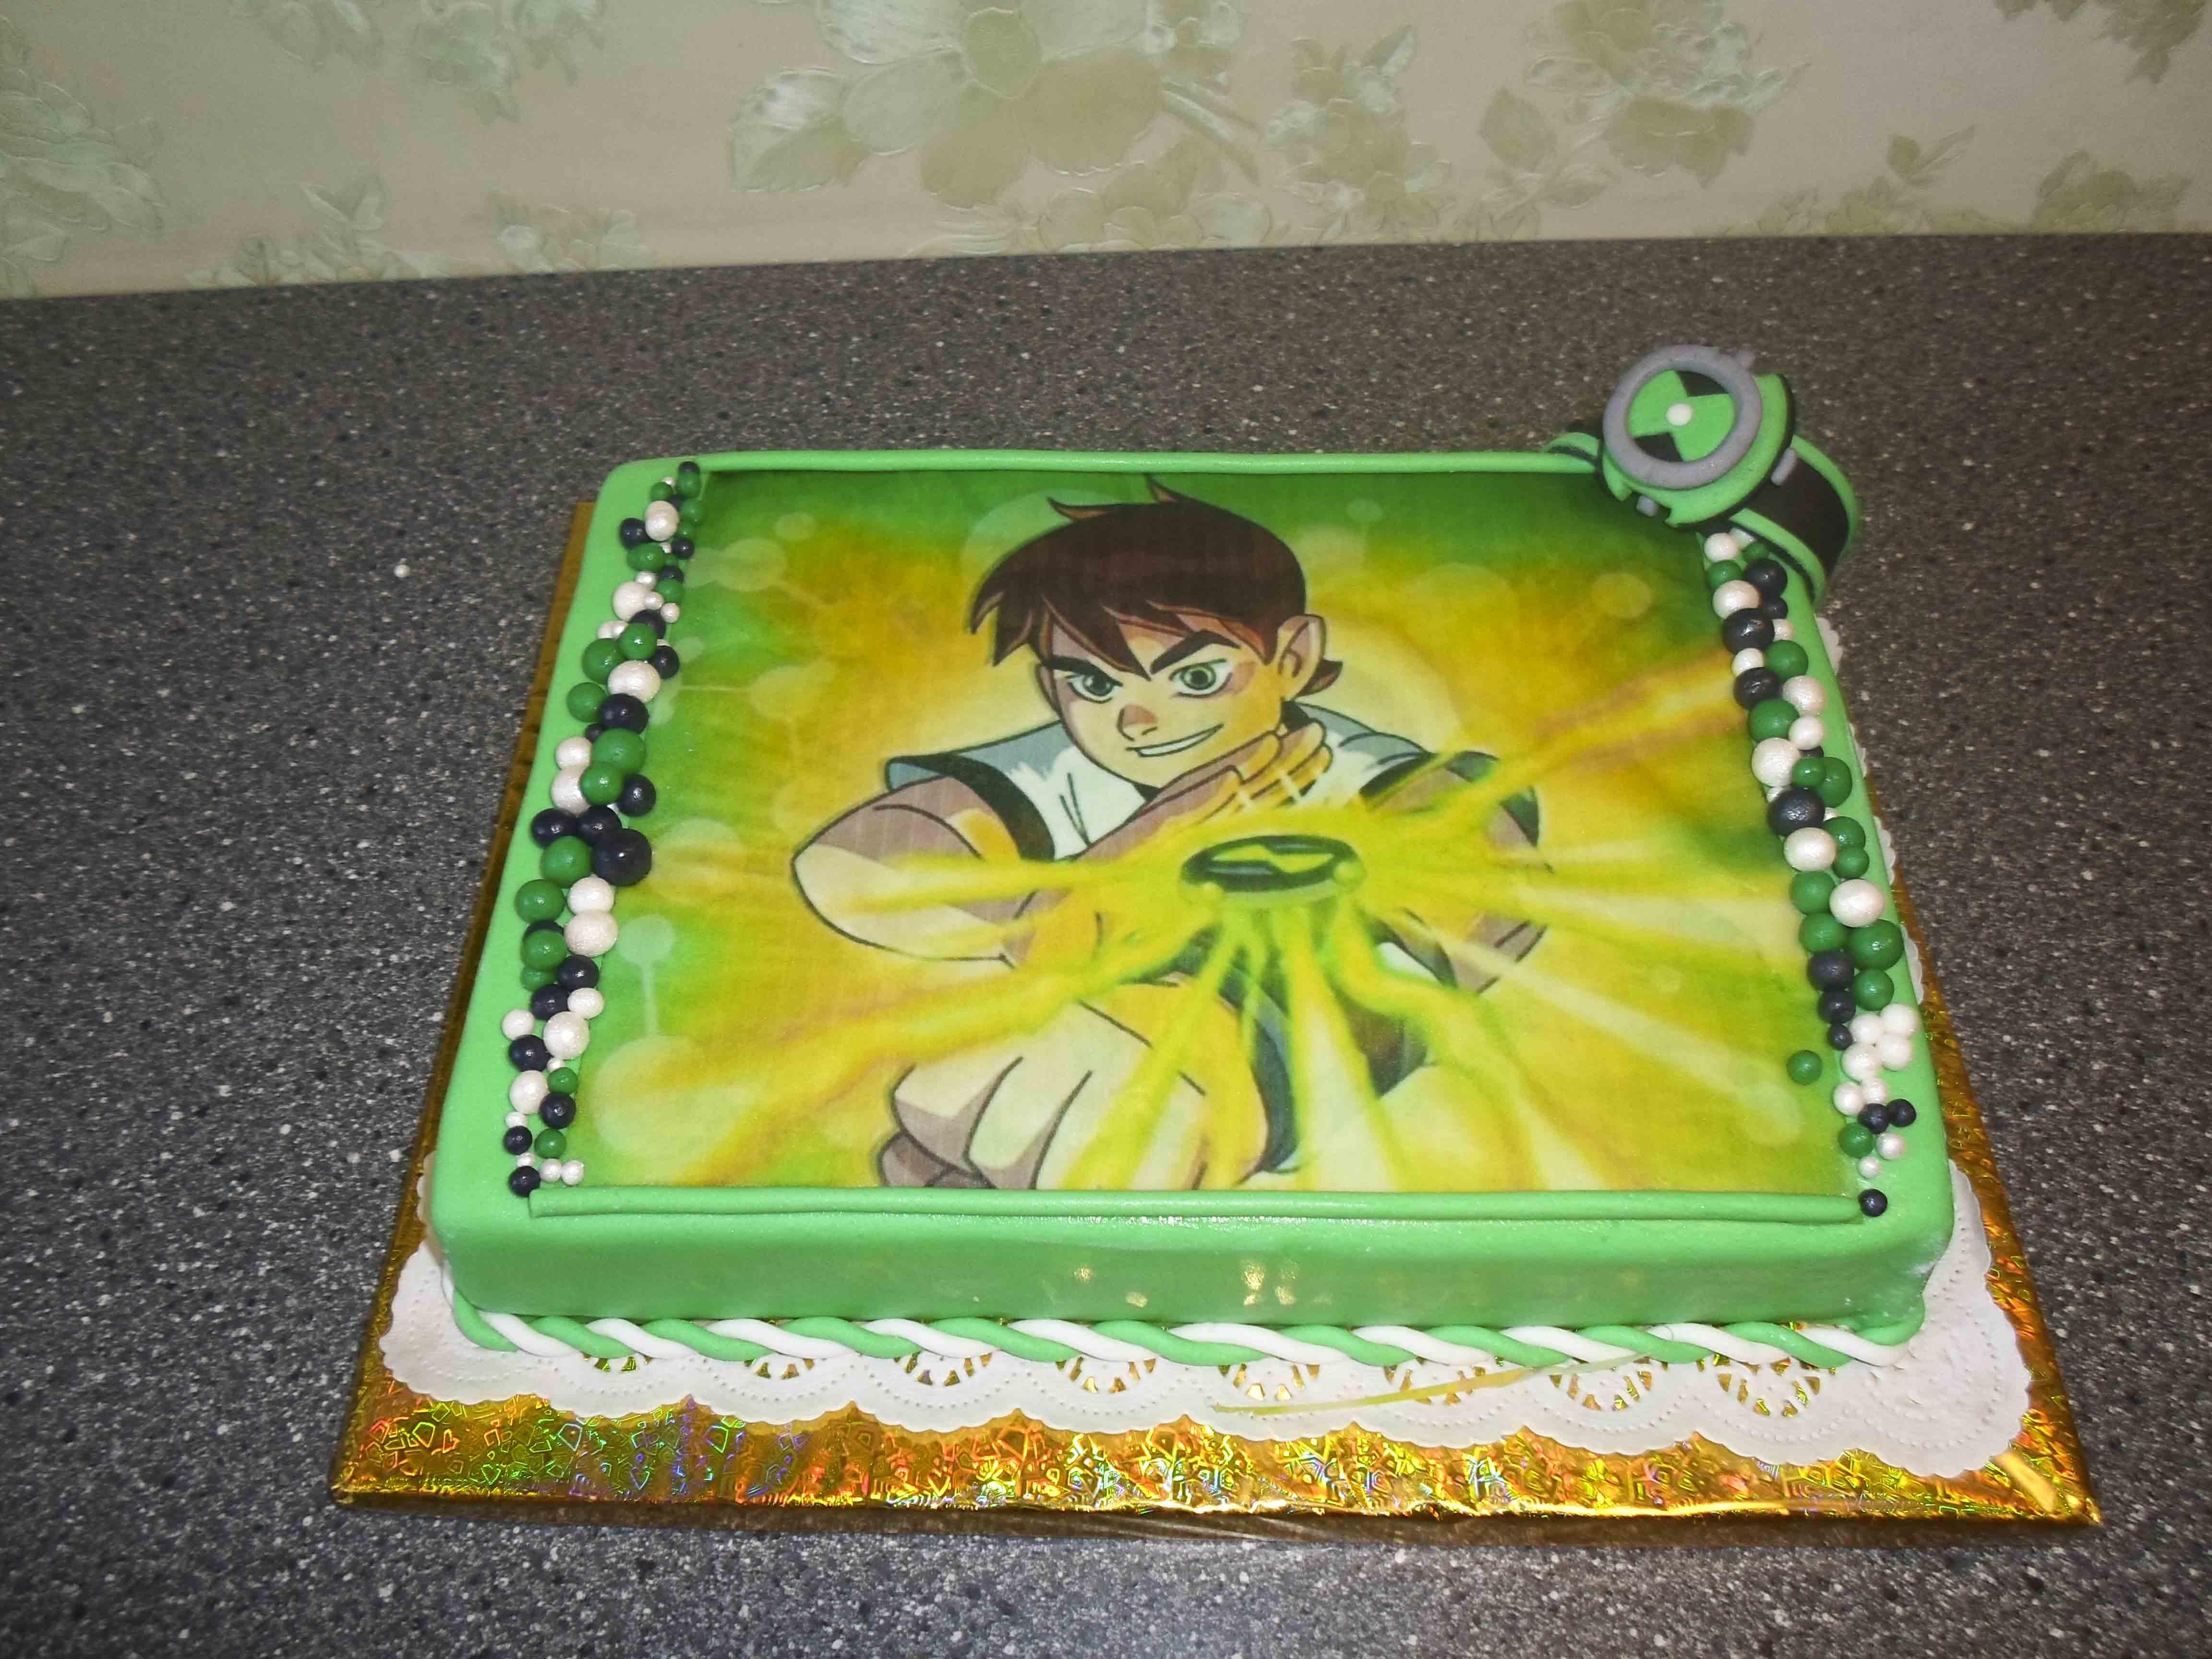 очень сахарные картинки для тортов как использовать меня накопилось много